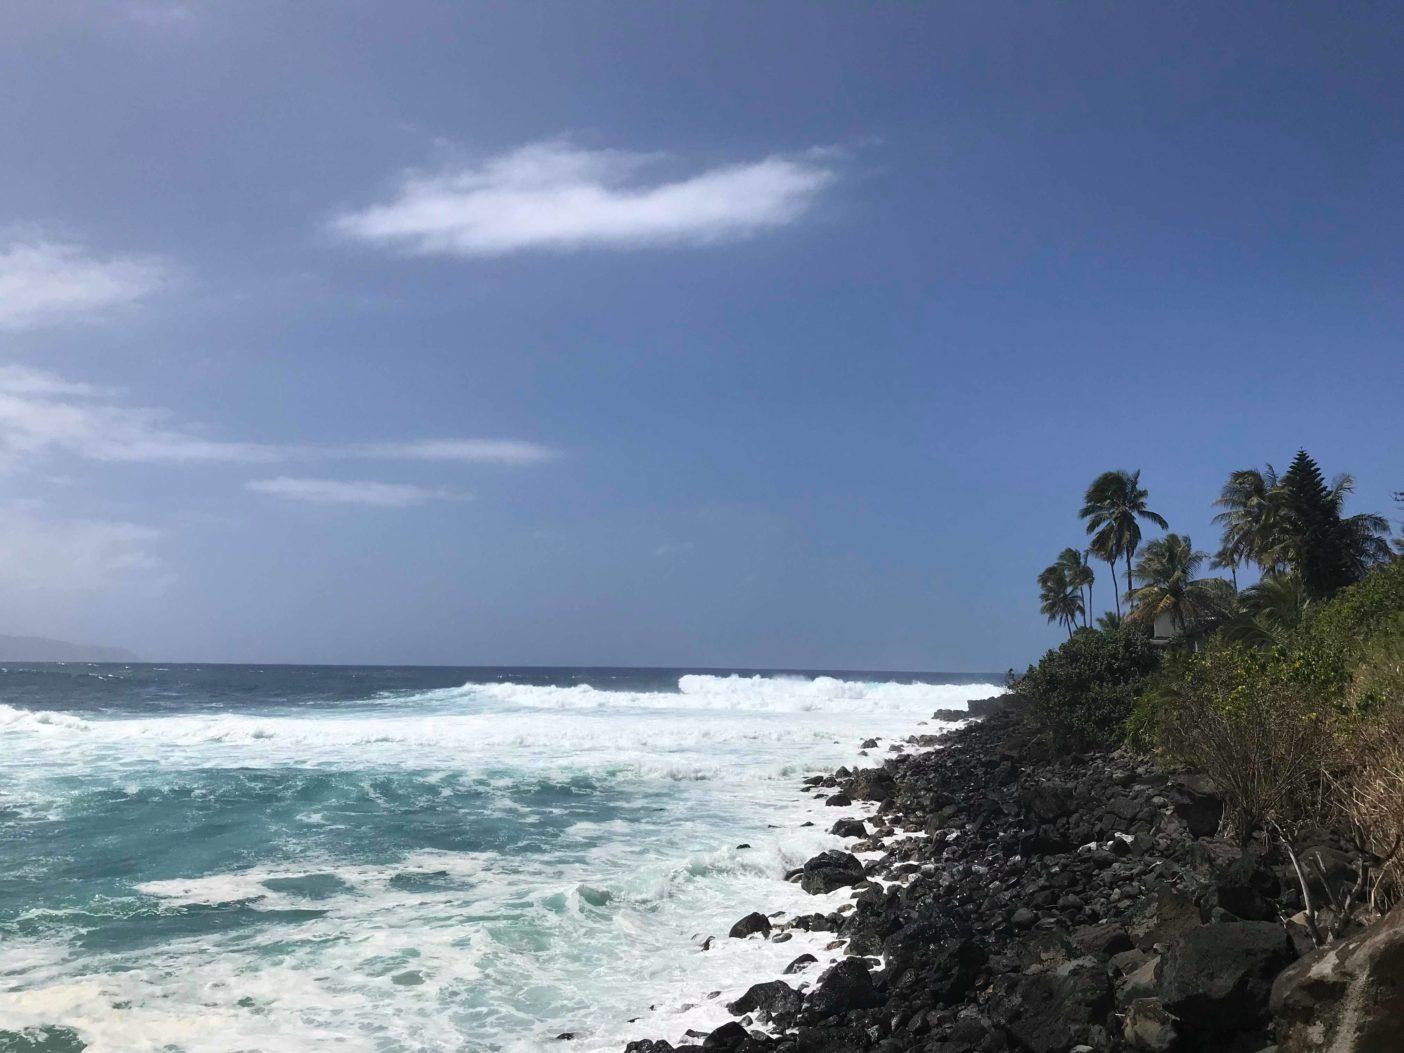 良い波に出合うためには、その時その場所にいることが最も大切なこと。風とともにスウェルが入りはじめた午前中のワイメア。オアフ島ノースショア 写真:田中 宗豊